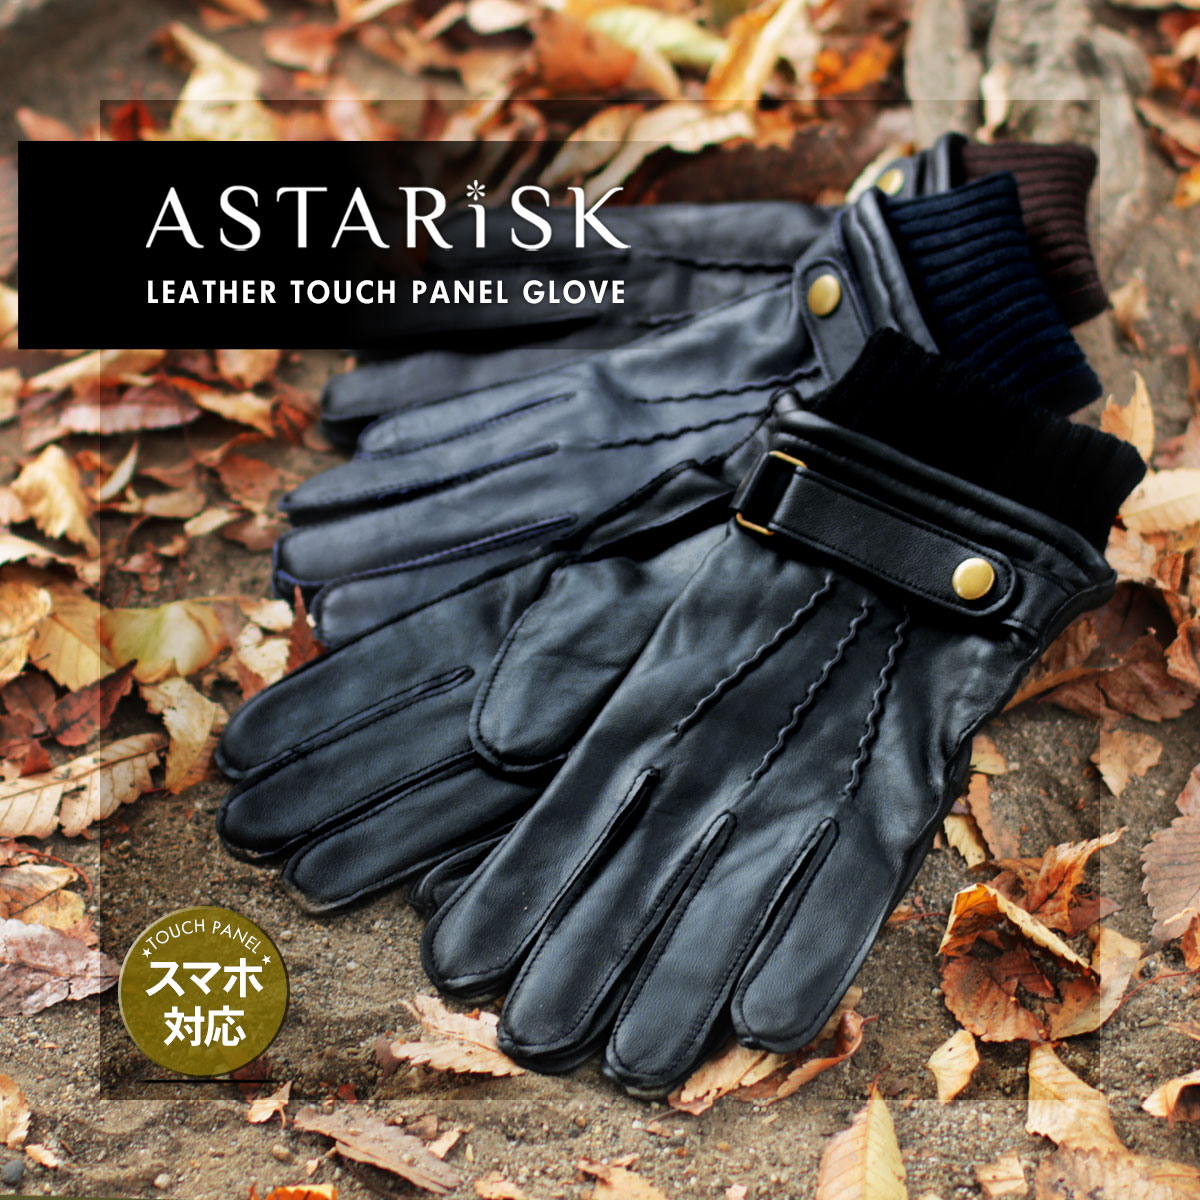 本革 シープ レザー スマホ 対応 ベルト付 グローブ 男性 紳士 秋 冬 防寒 暖かい スマホ手袋 ギフト